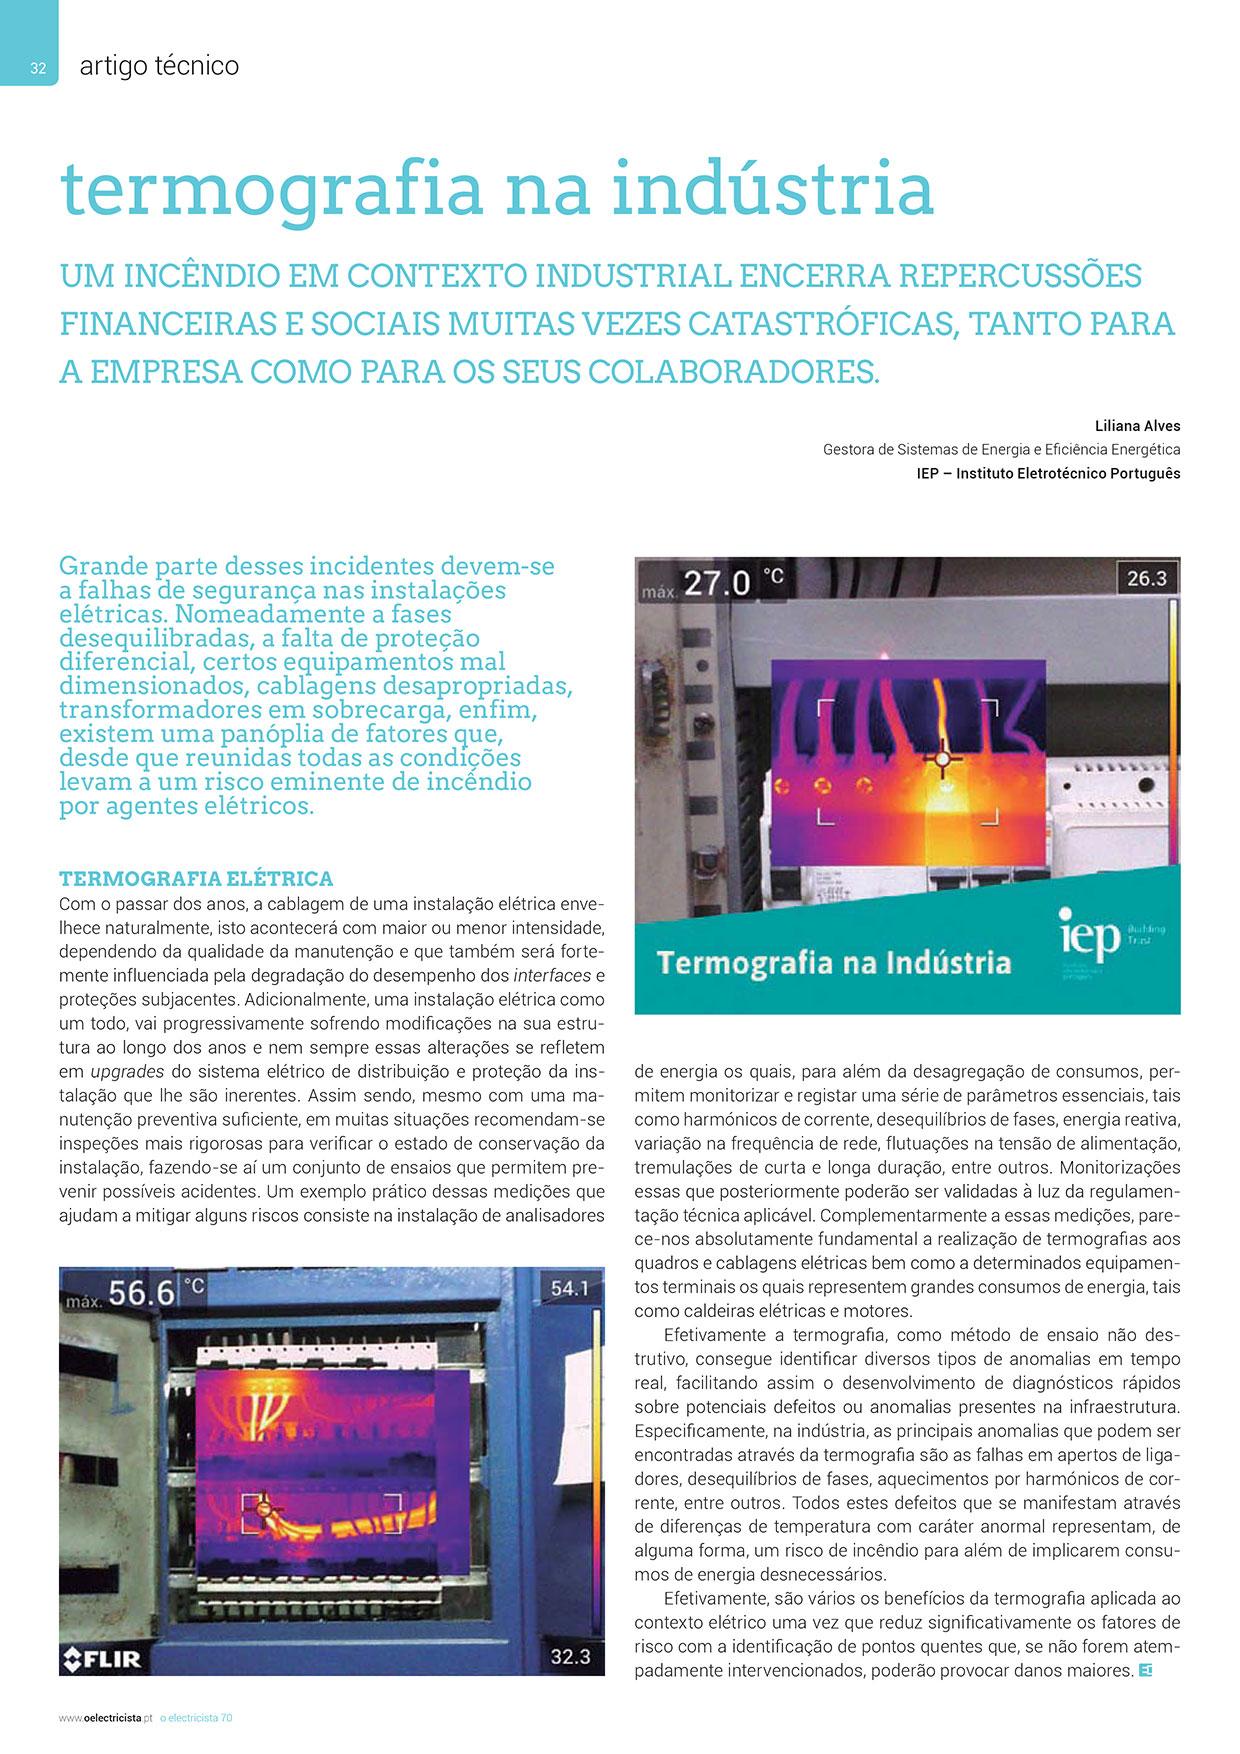 Artigo sobre termografia na indústria